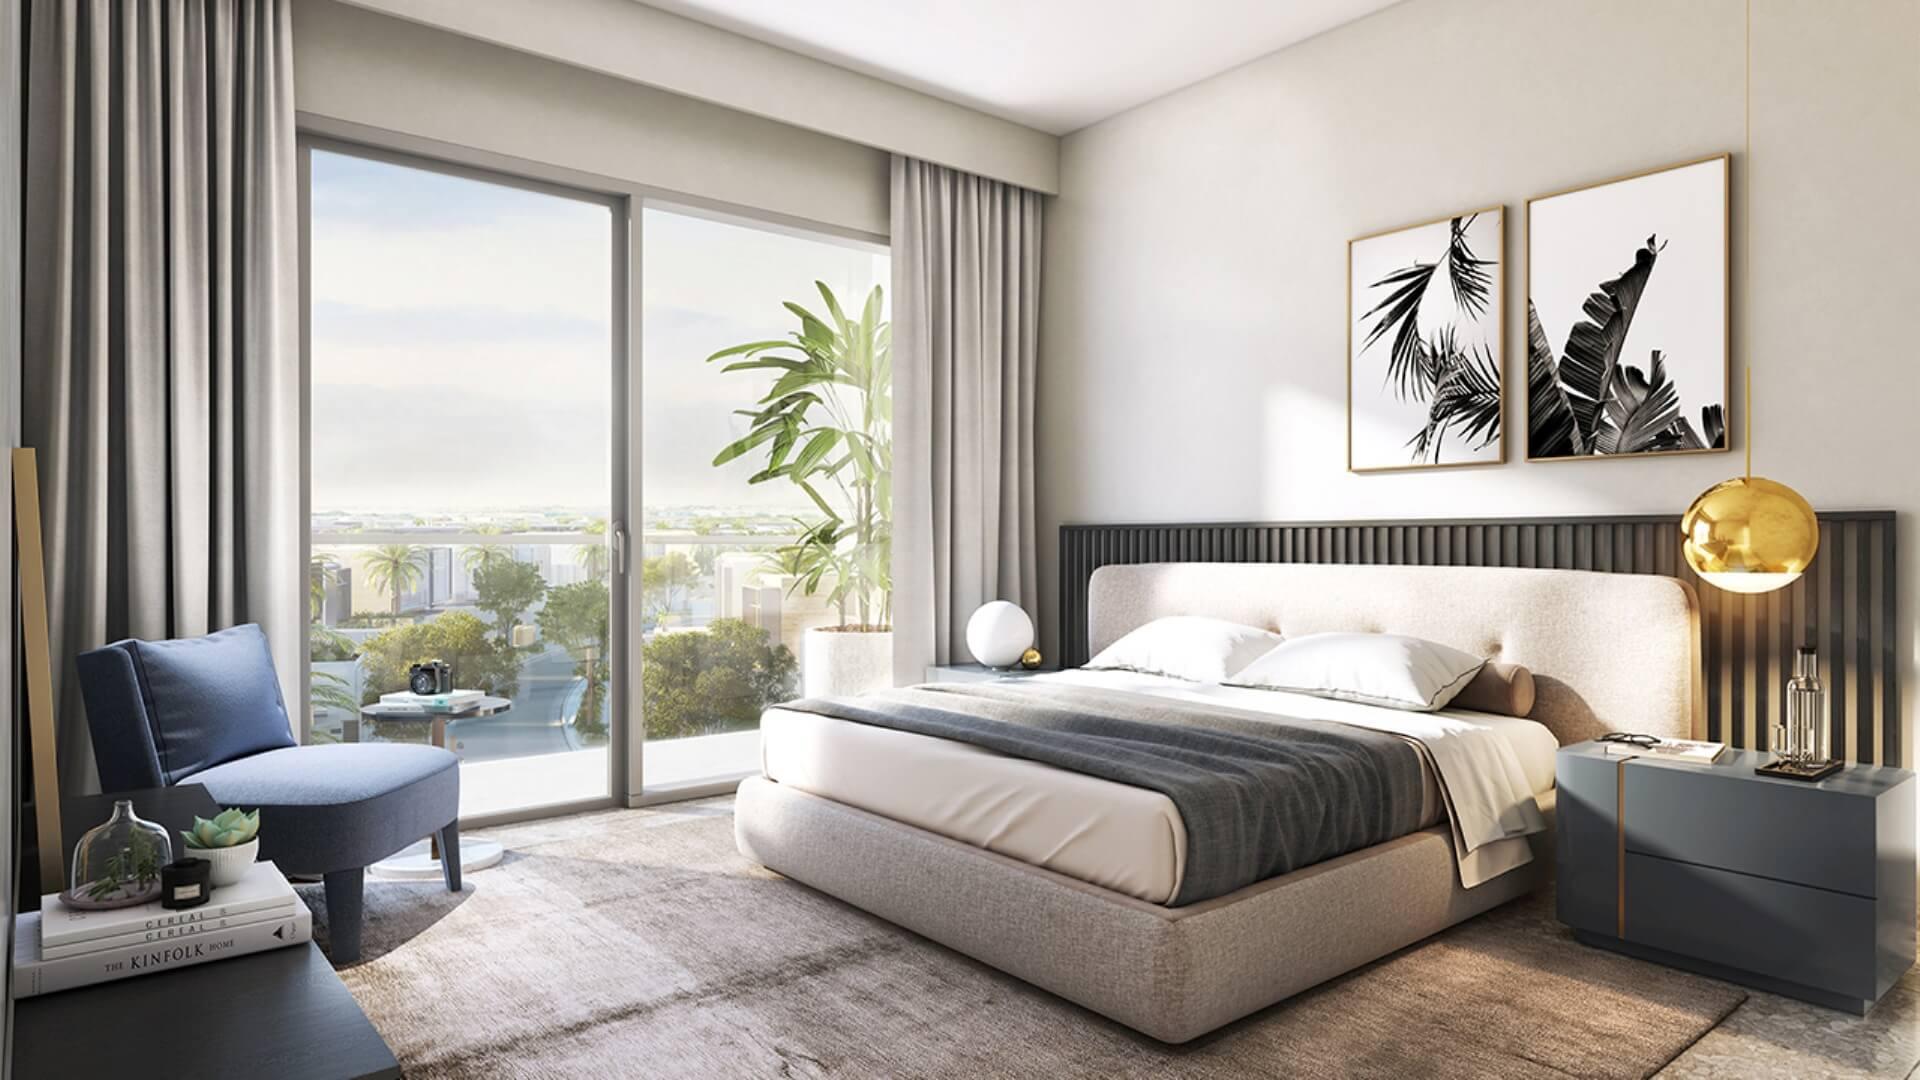 Apartamento en venta en Dubai, EAU, 2 dormitorios, 104 m2, № 24367 – foto 2